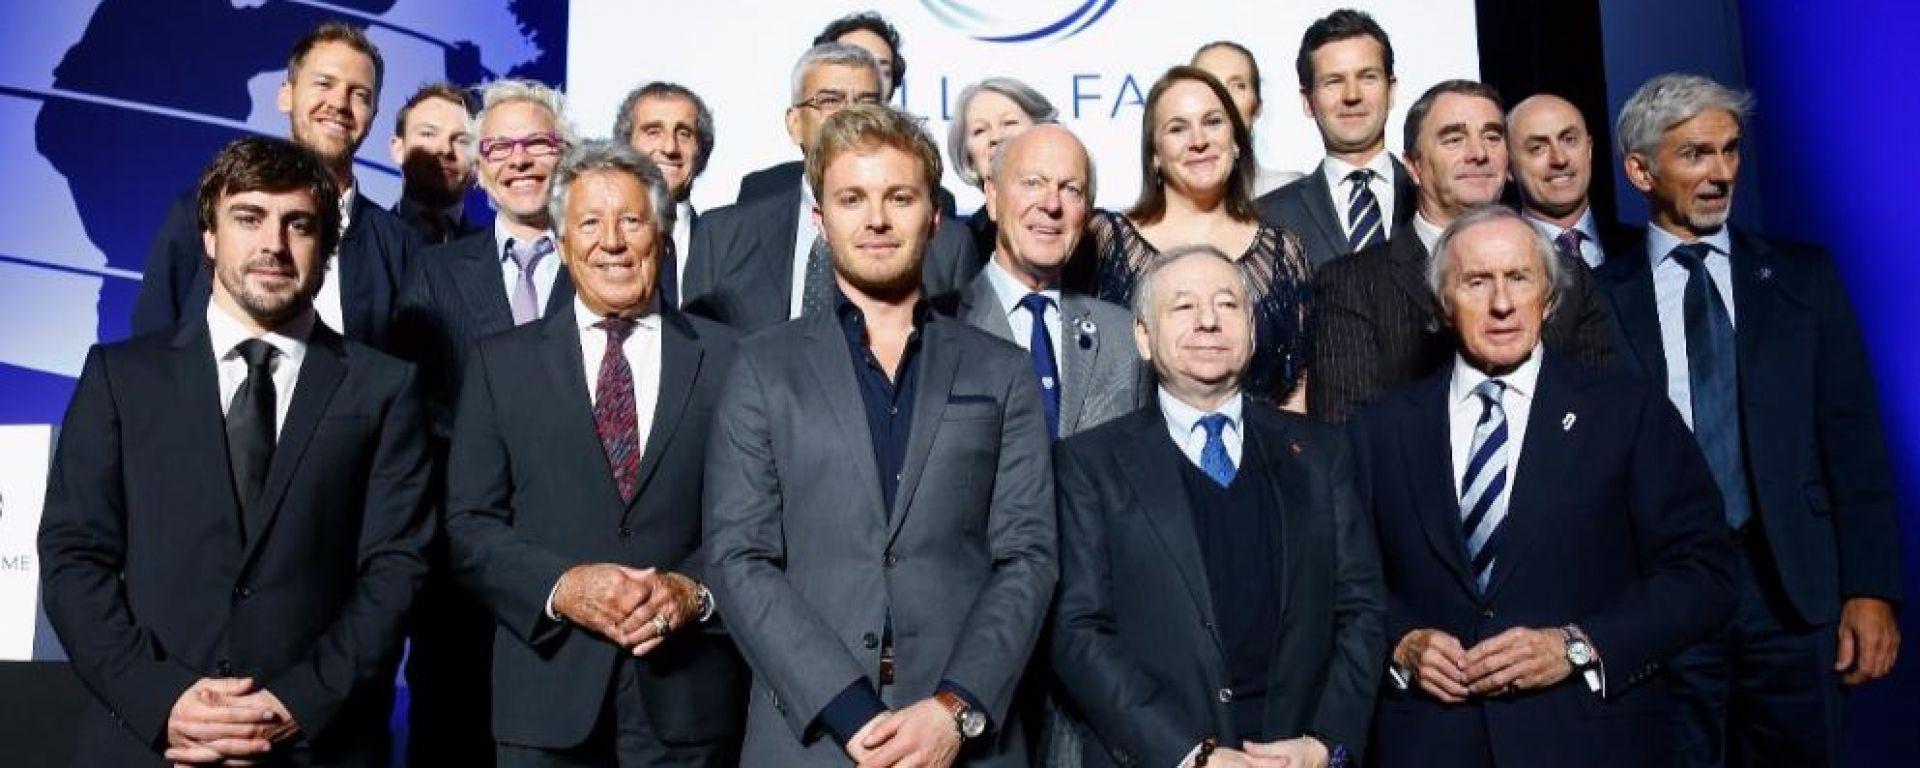 Formula 1 Hall of Fame